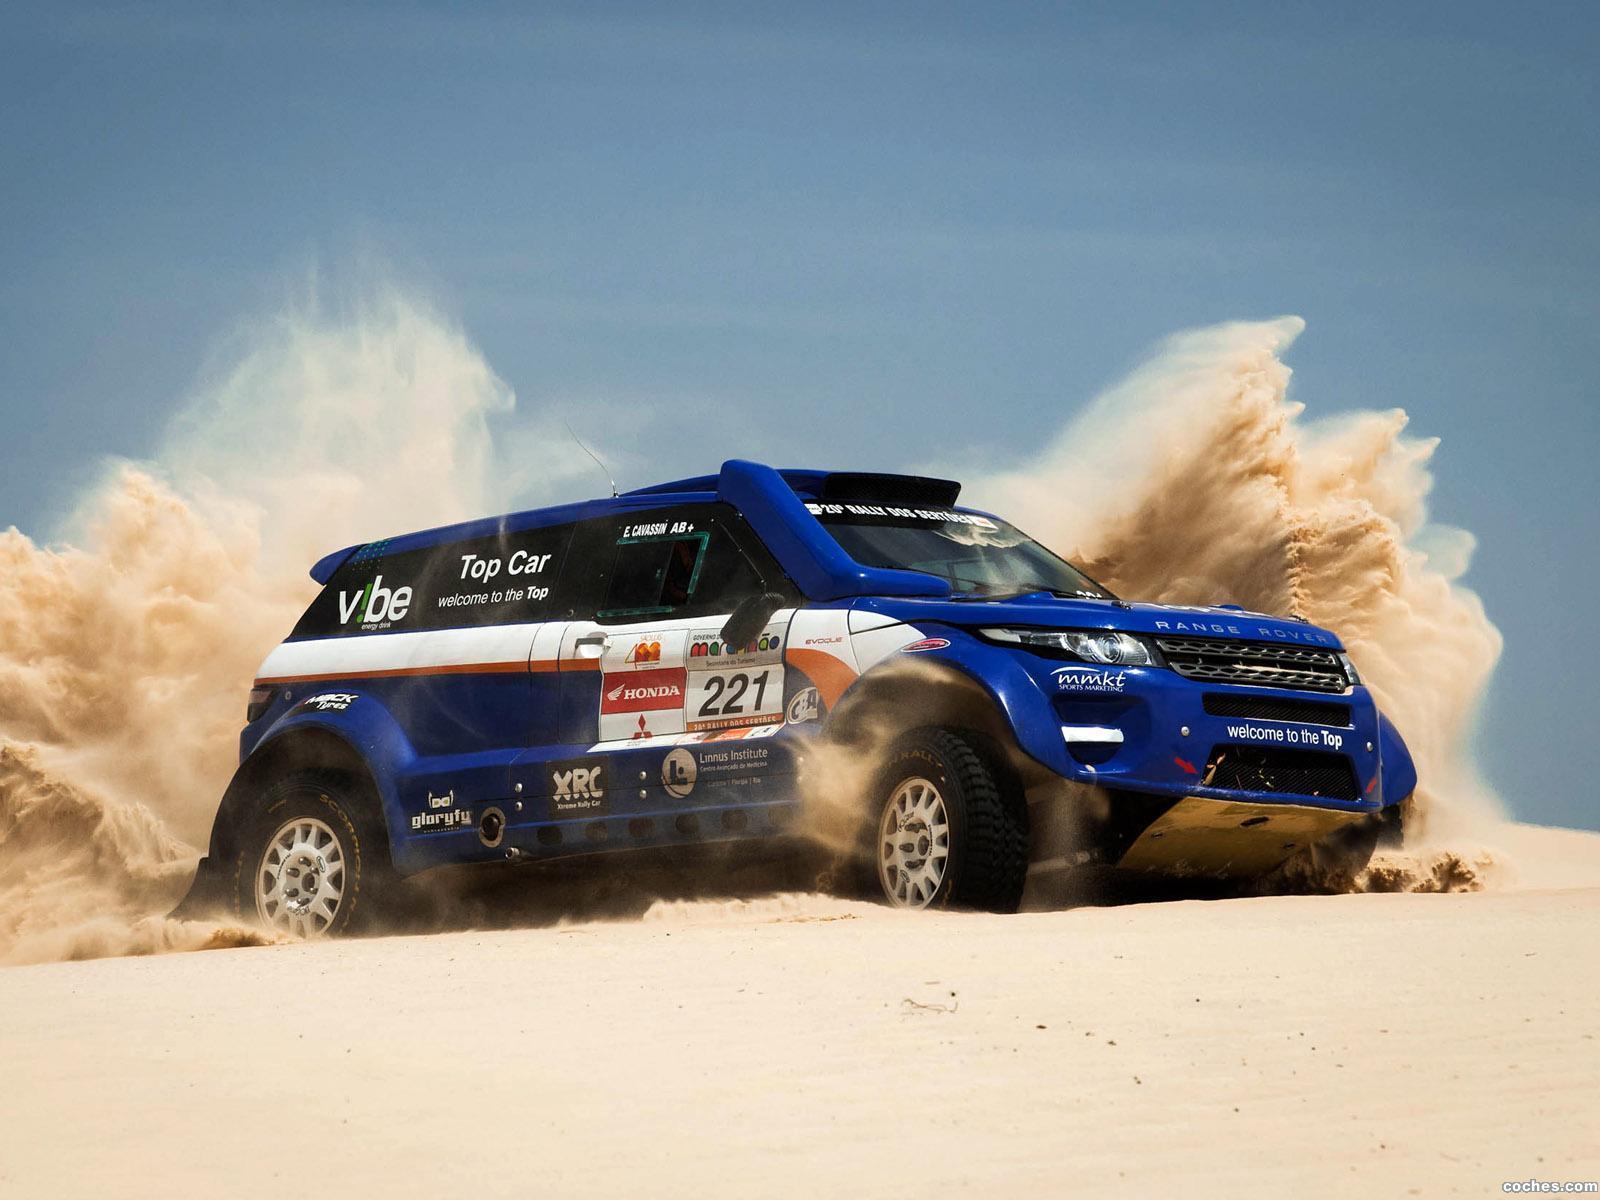 Foto 1 de Land Rover Range Rover Evoque Rally Car 2012